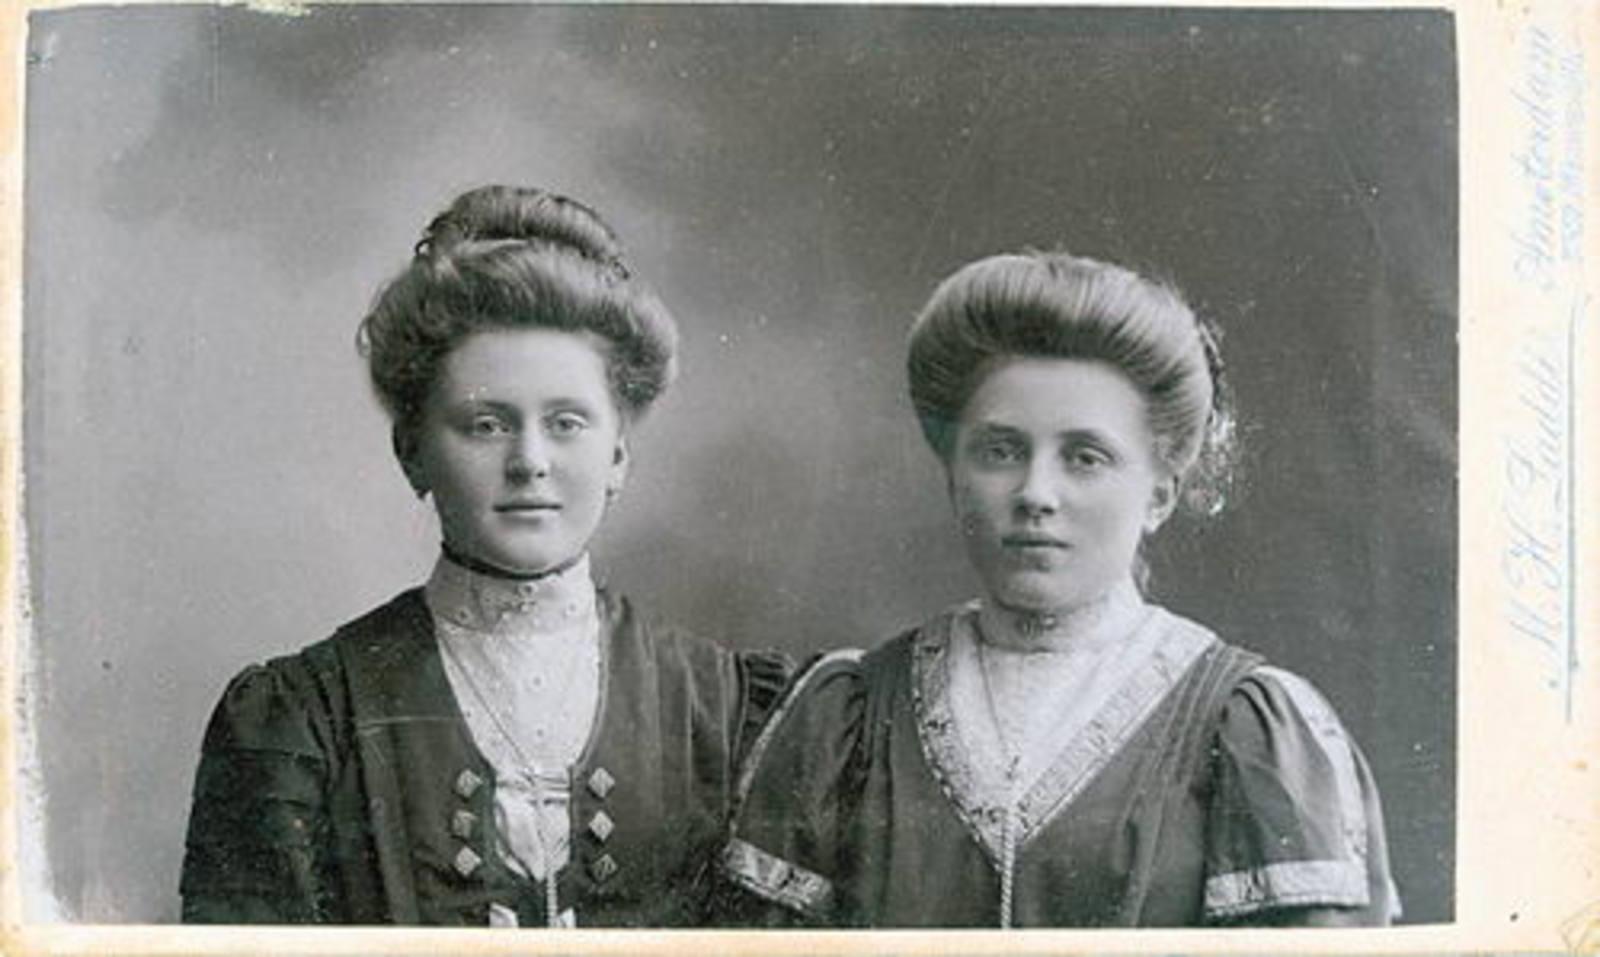 Eversen Hillegonda Teundr 1891 19__ met nicht Trijntje Biesheuvel